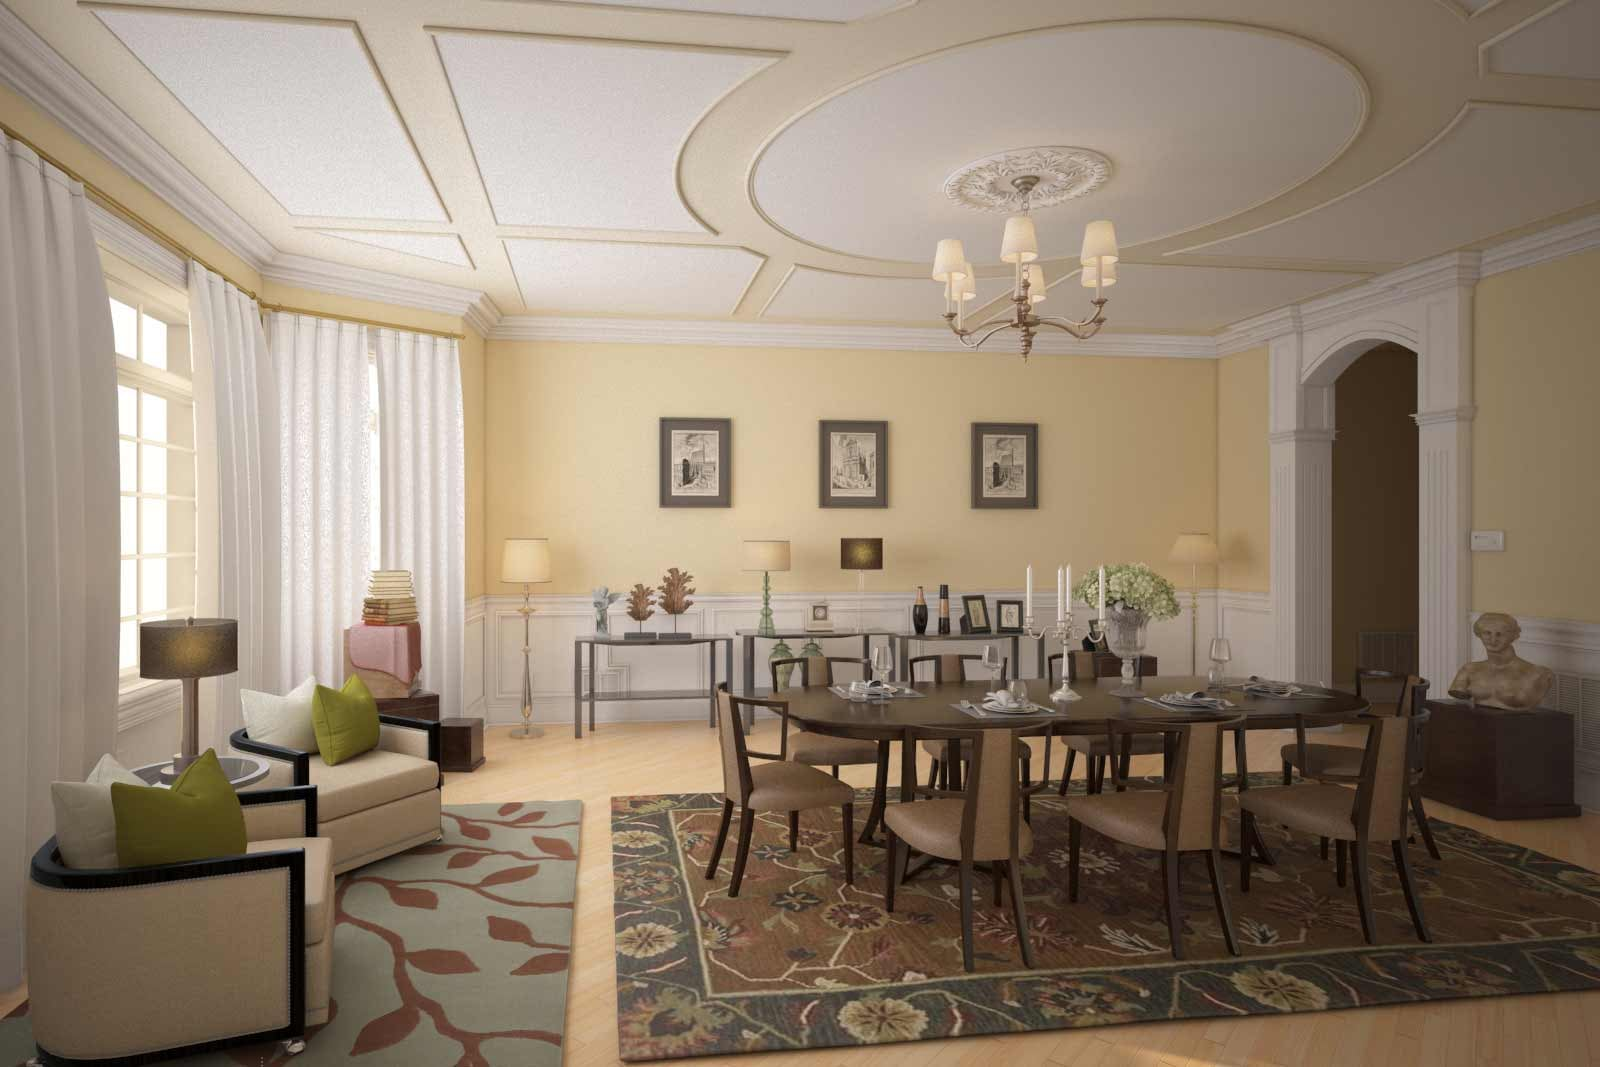 Dining_Room_v2.jpg